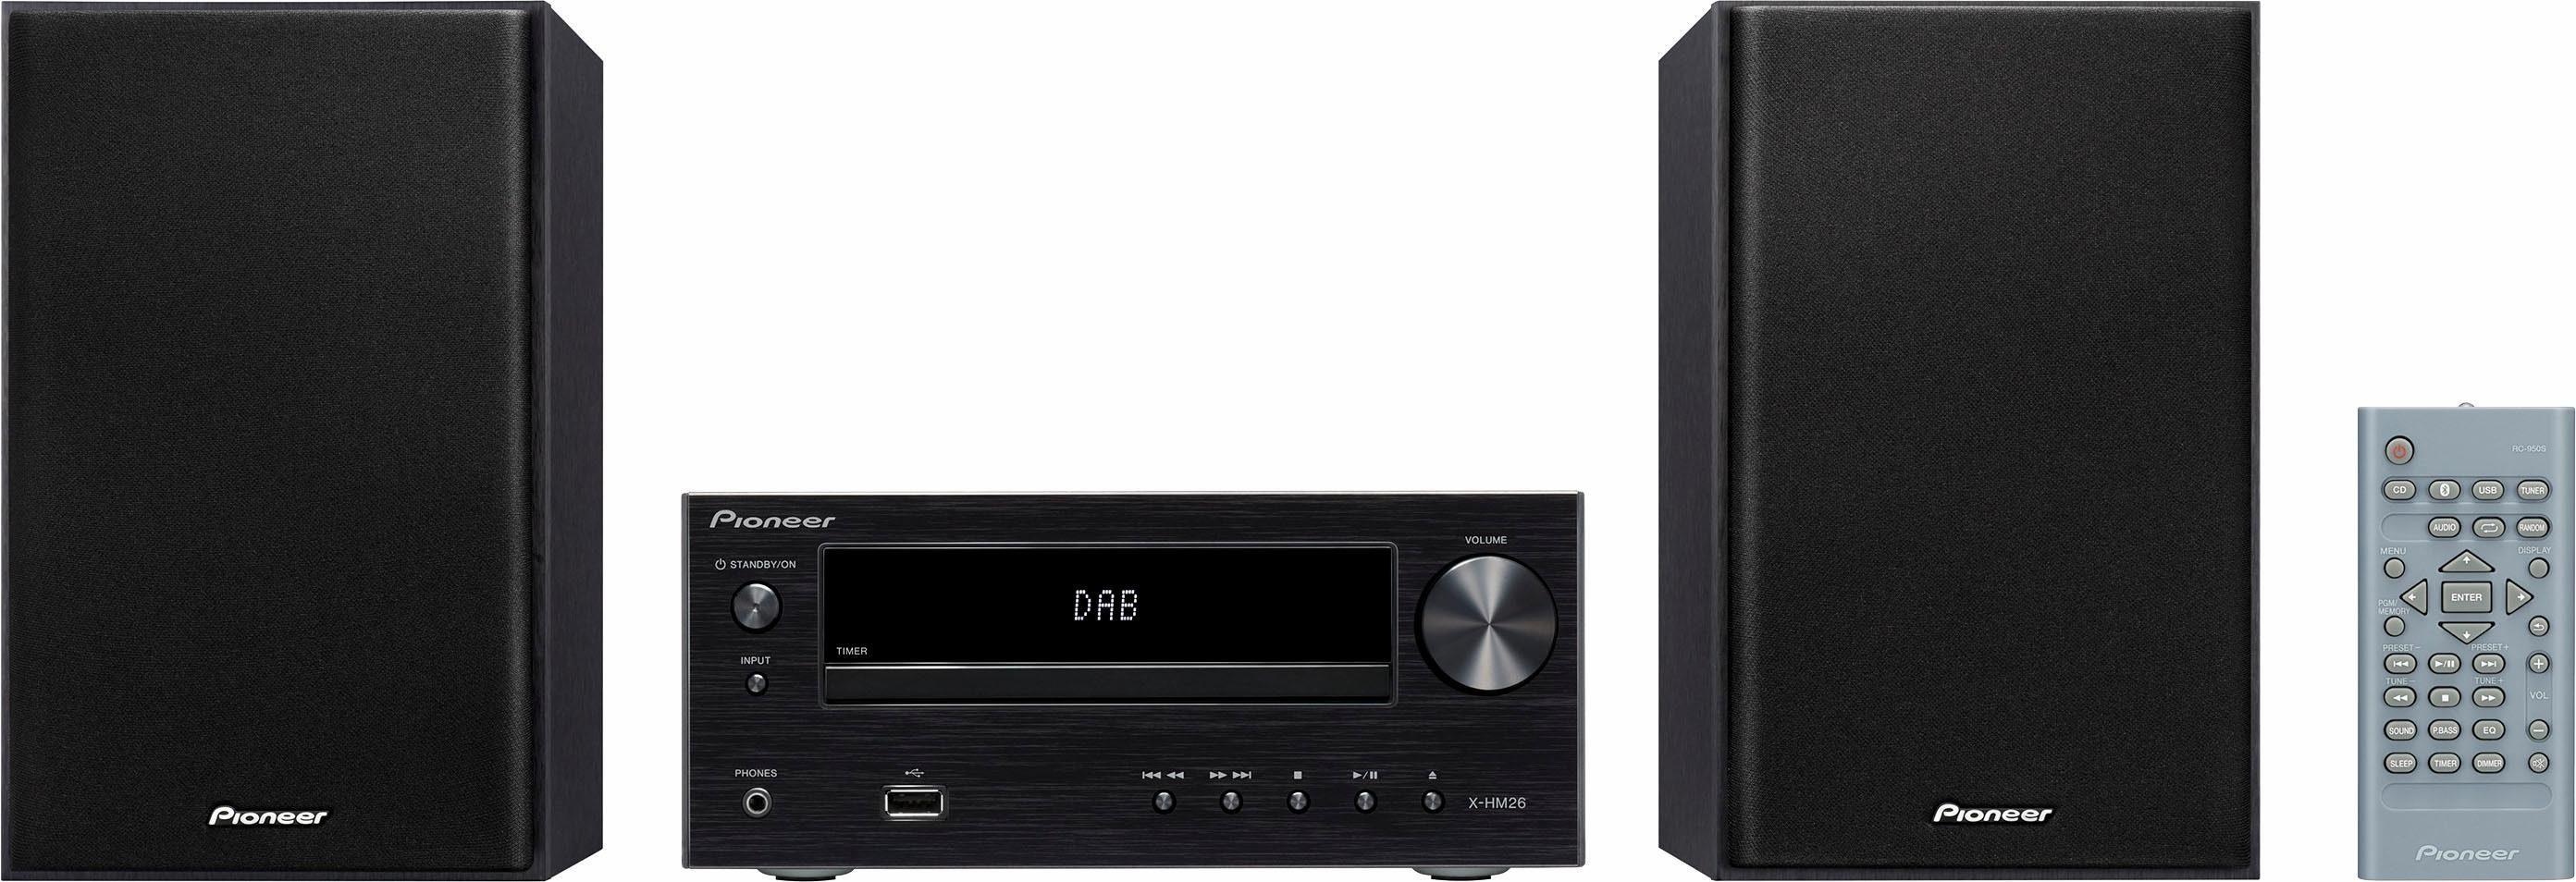 Digitalradio Für Küche  Dab-radio Im Test: Karcher Dab 17